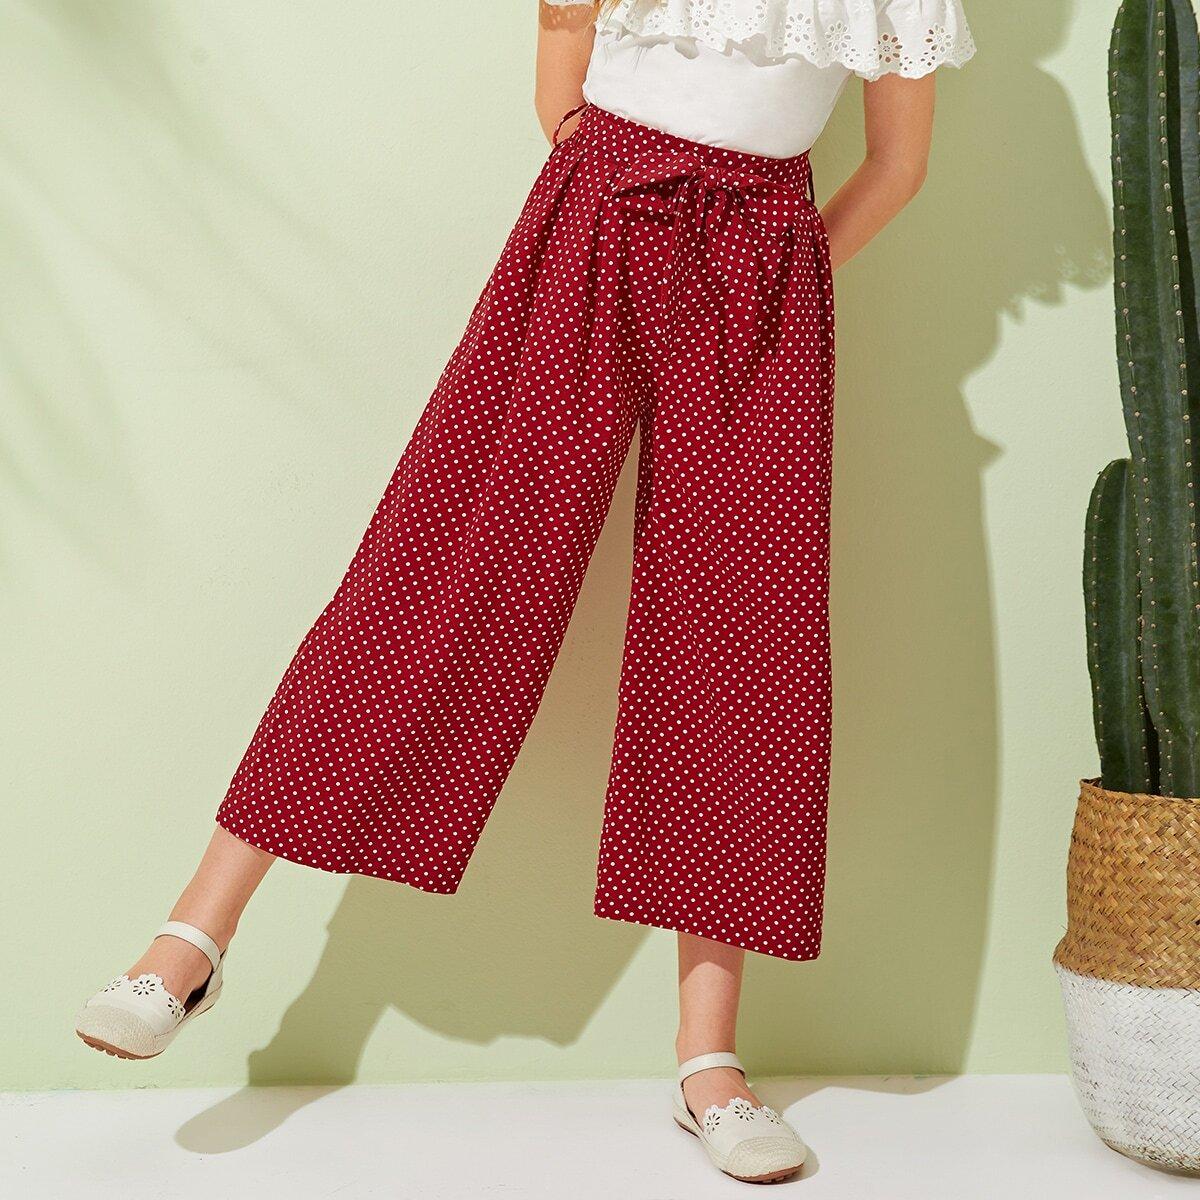 SHEIN / Pantalones cortos anchos de niñas con cinturón de lunares